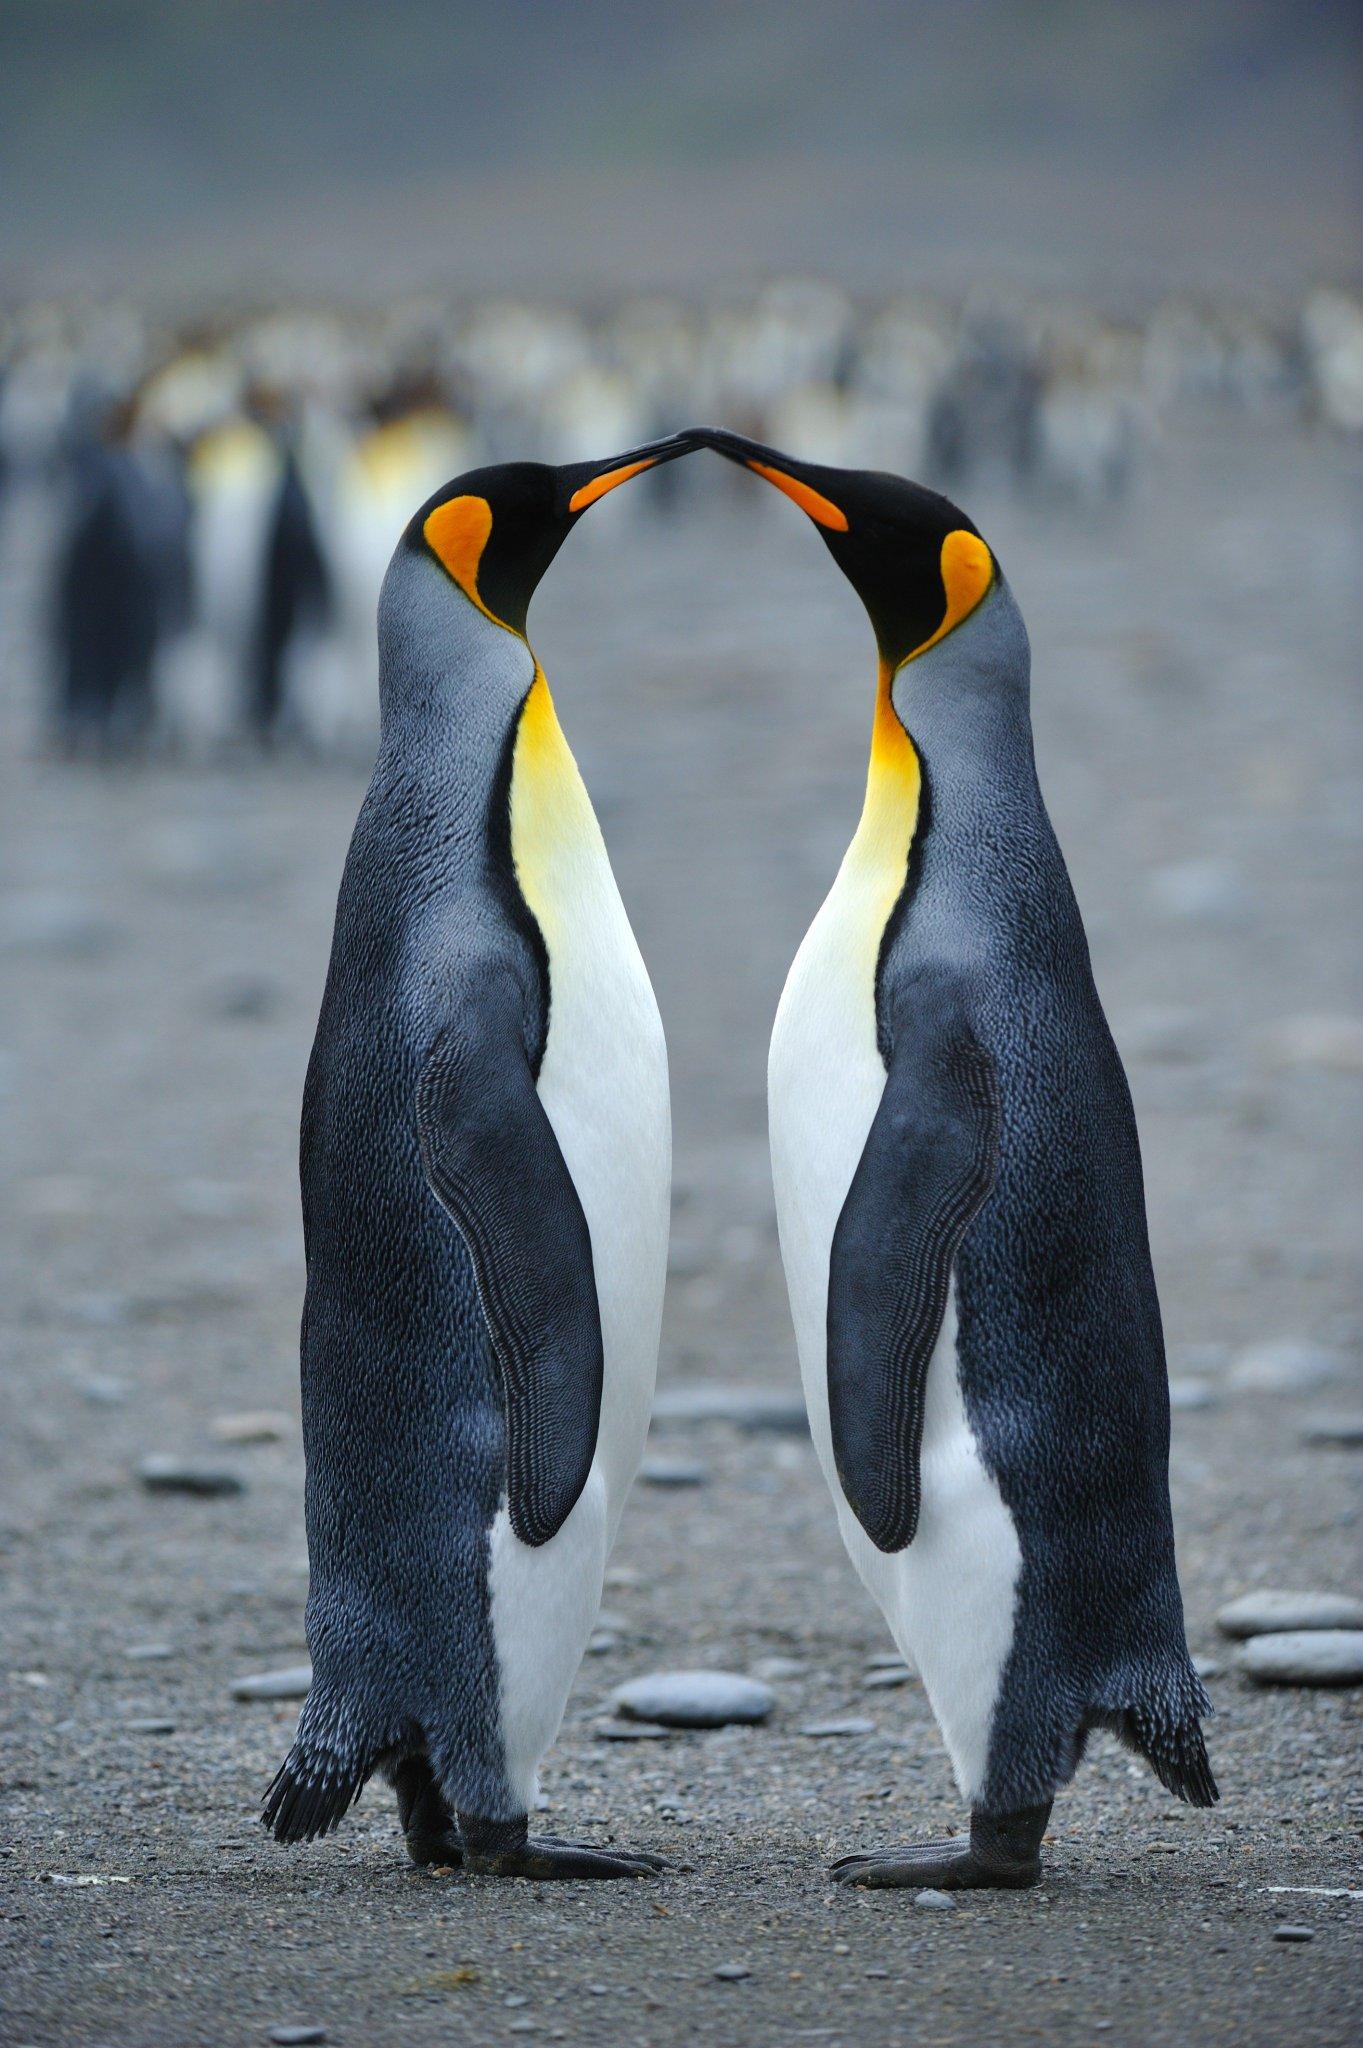 картинка двух пингвинов комментариях, кто знал